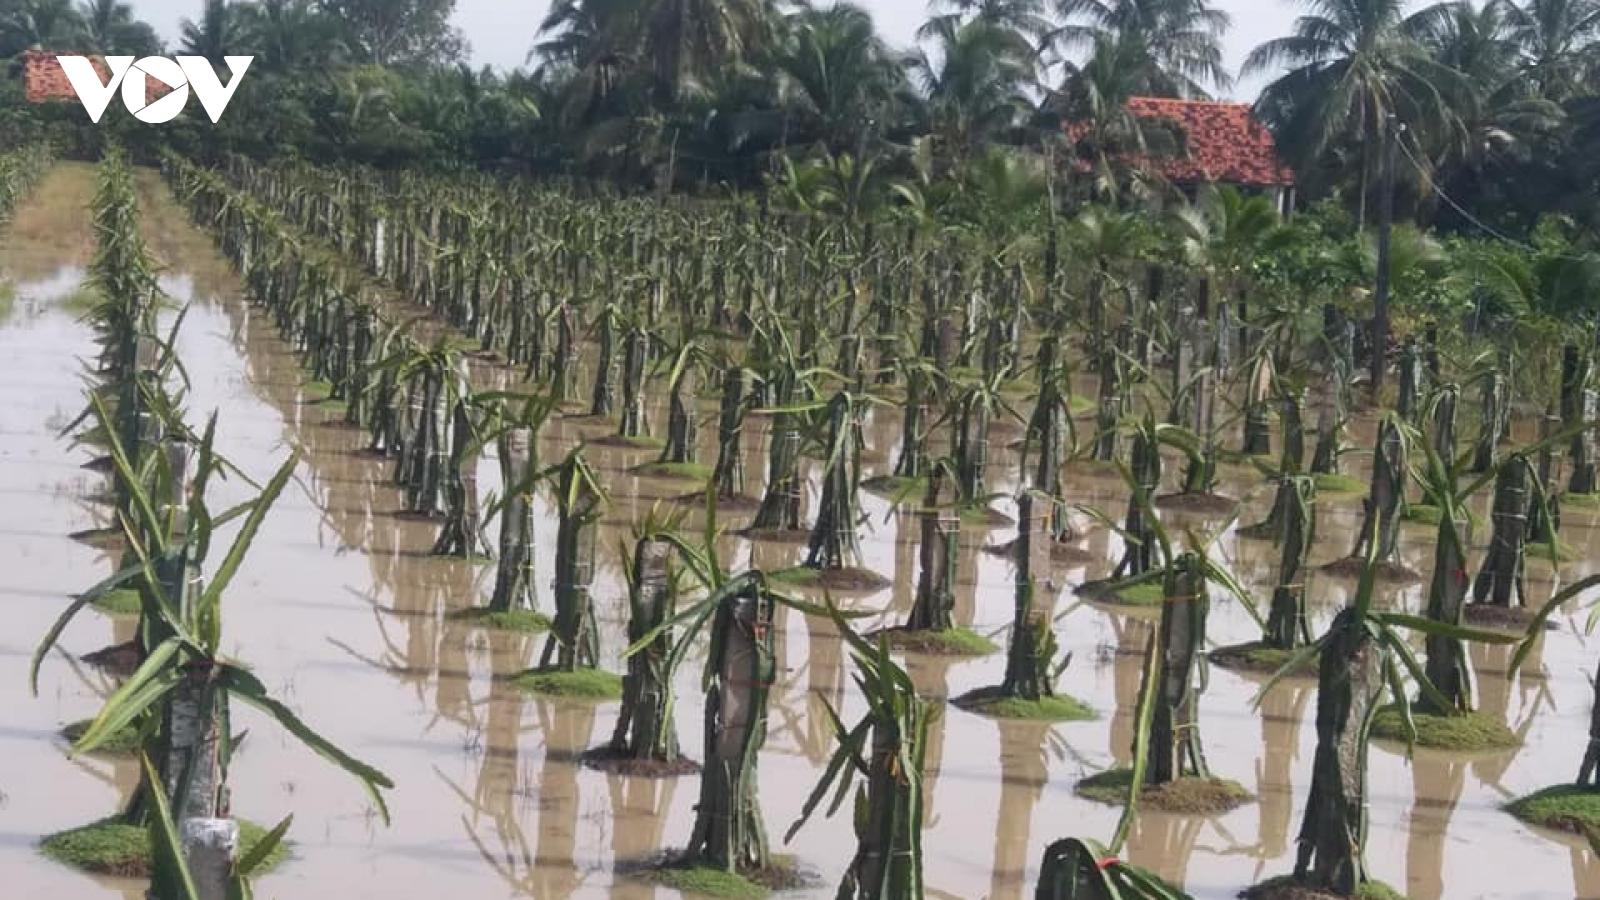 Triều cường kết hợp với mưa to gây ngập úng trên diện rộng ởTiền Giang